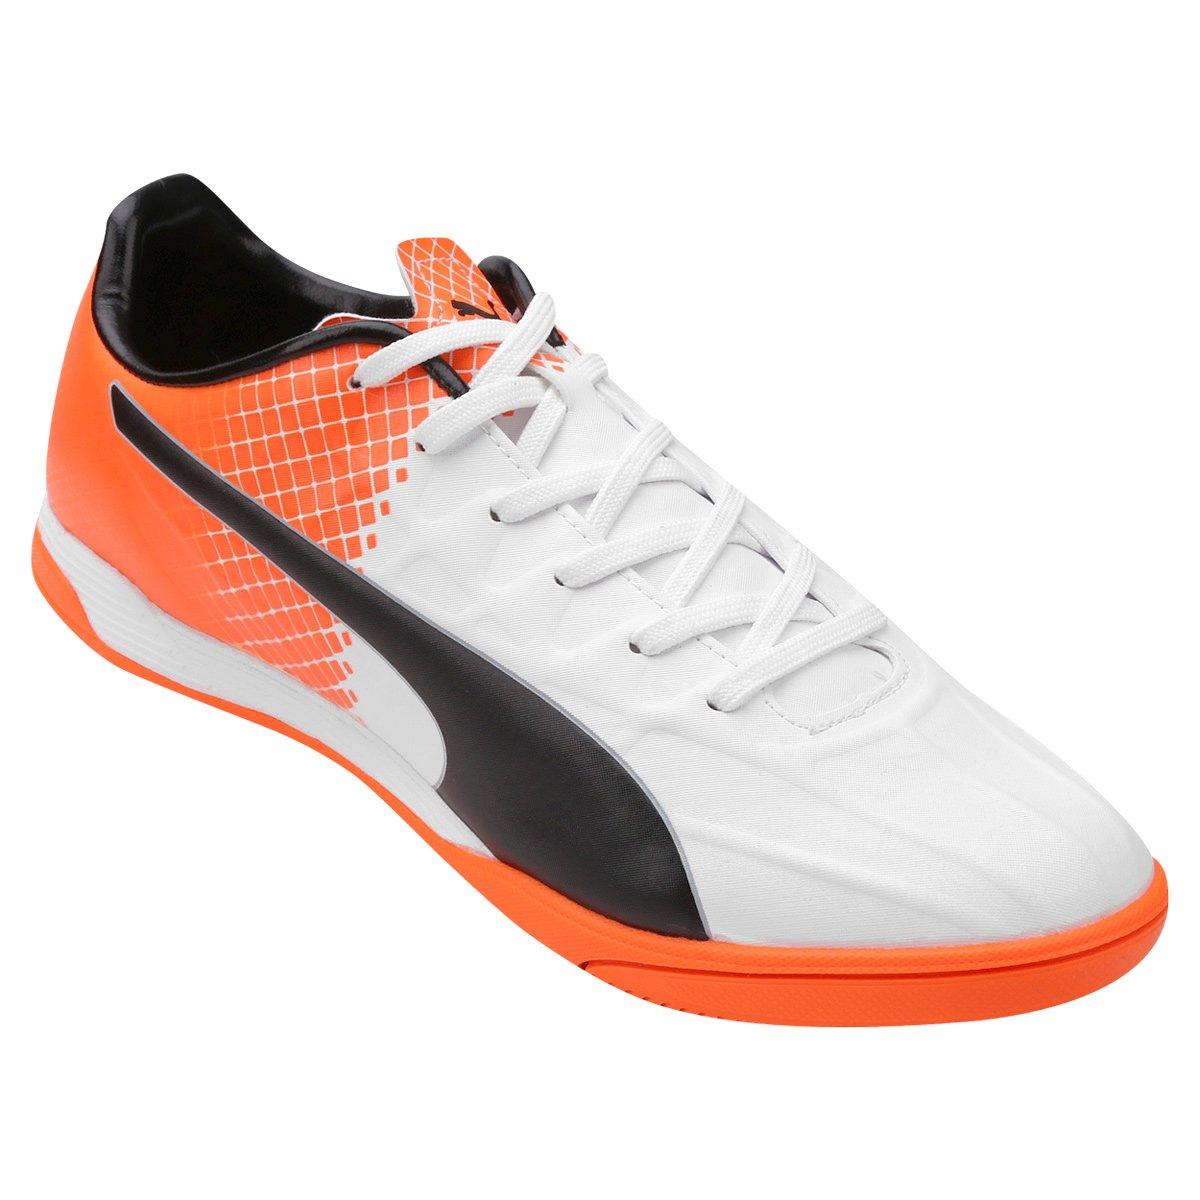 dab3aa5323 Chuteira Futsal Puma Evospeed 4.5 Tricks IT BDP